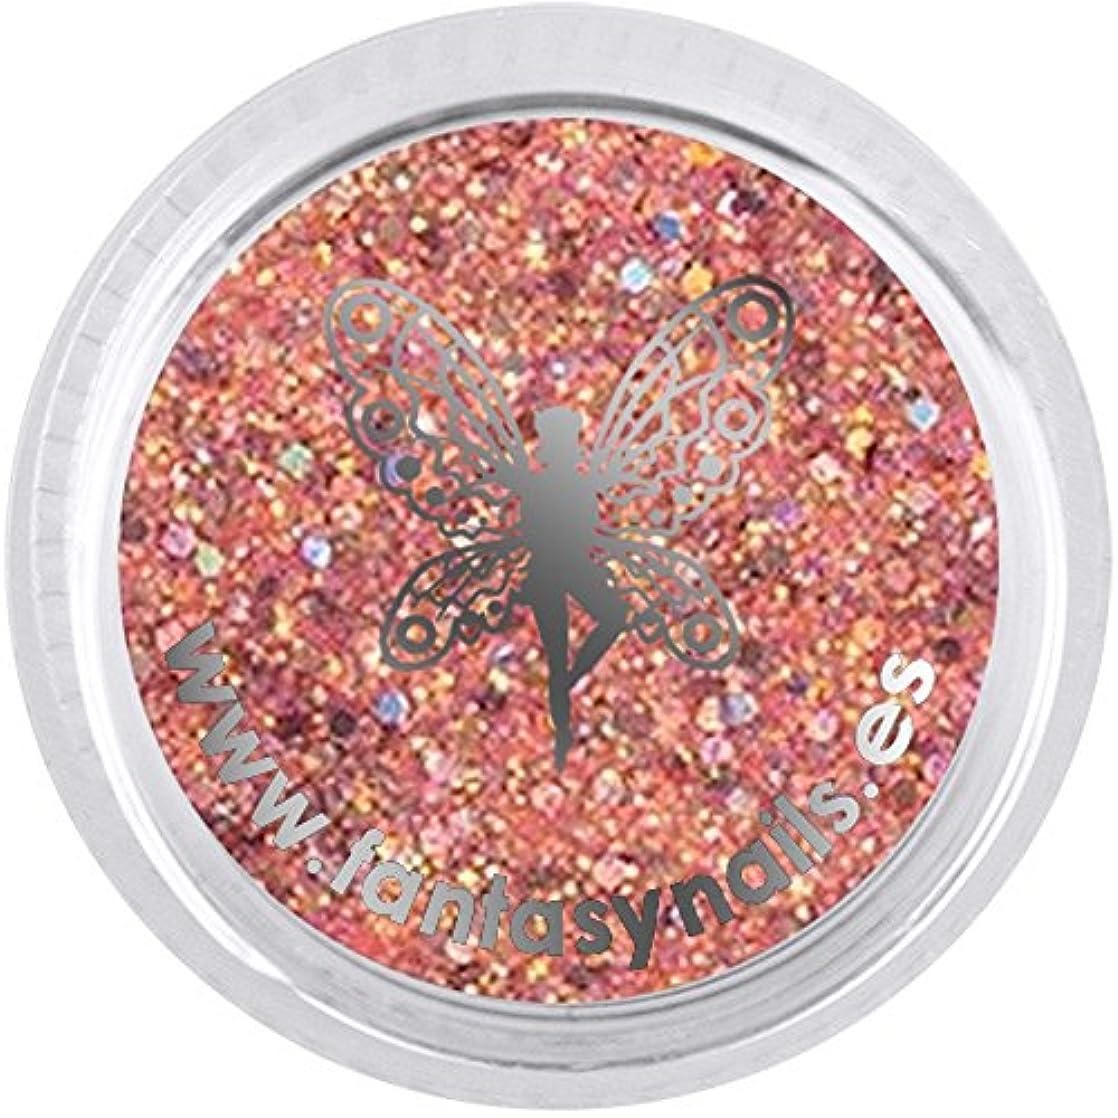 反対した短くする覗くFANTASY NAIL ダイヤモンドコレクション 3g 4255XS カラーパウダー アート材